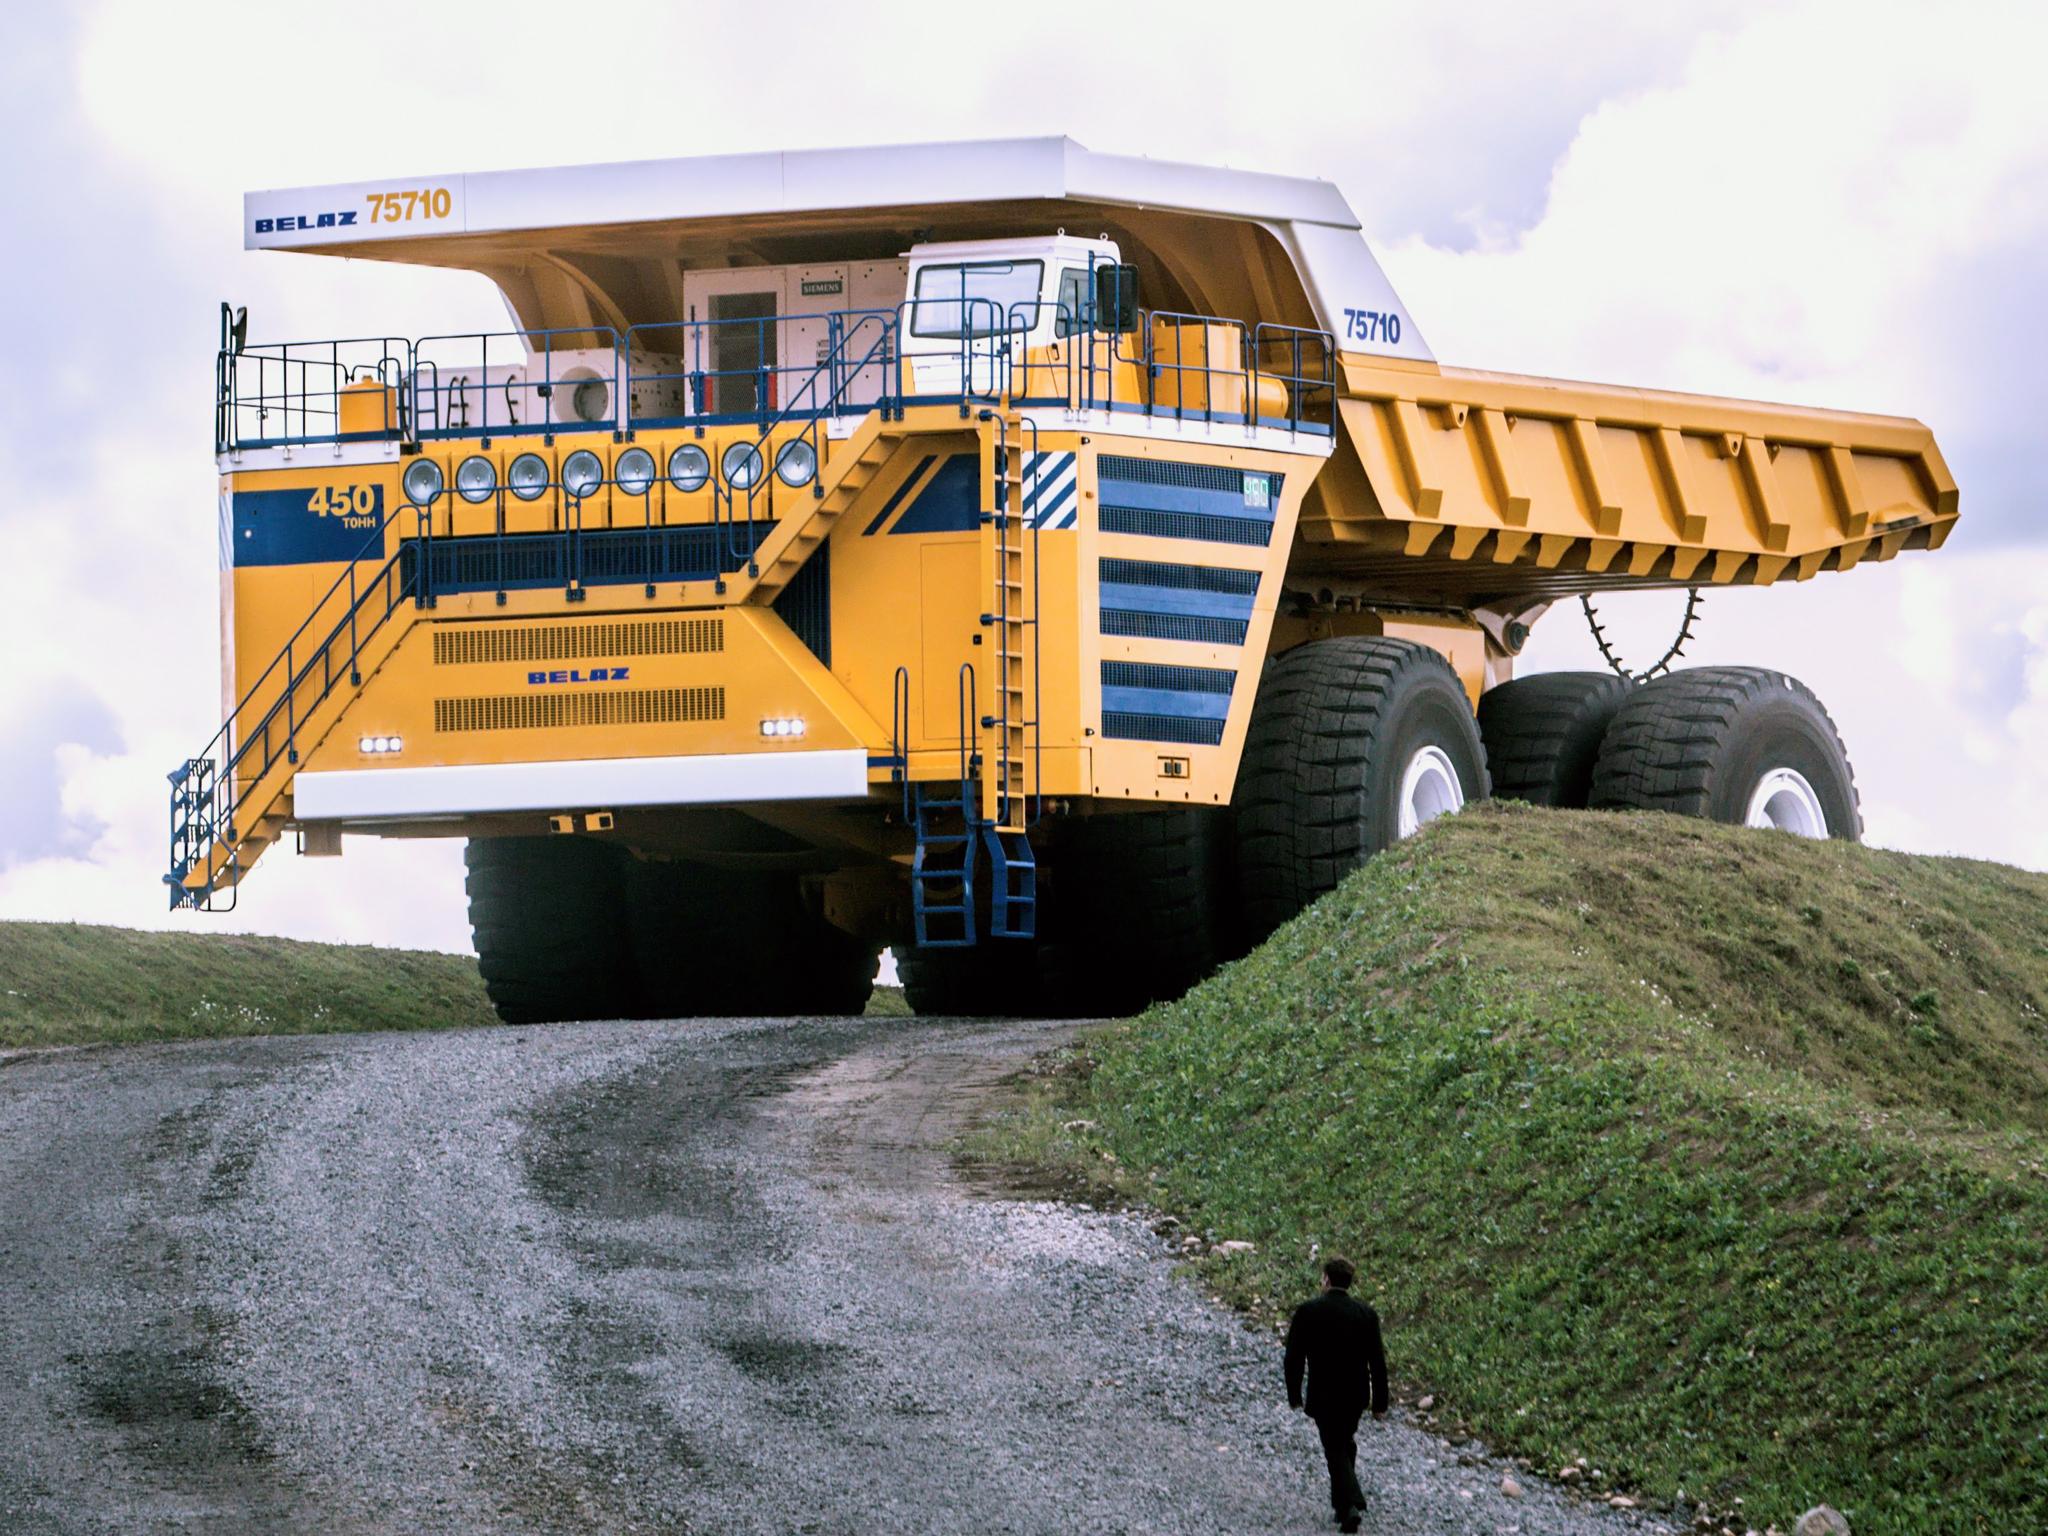 прощать, прощать самый большой автомобиль в мире фото куликовская молодая